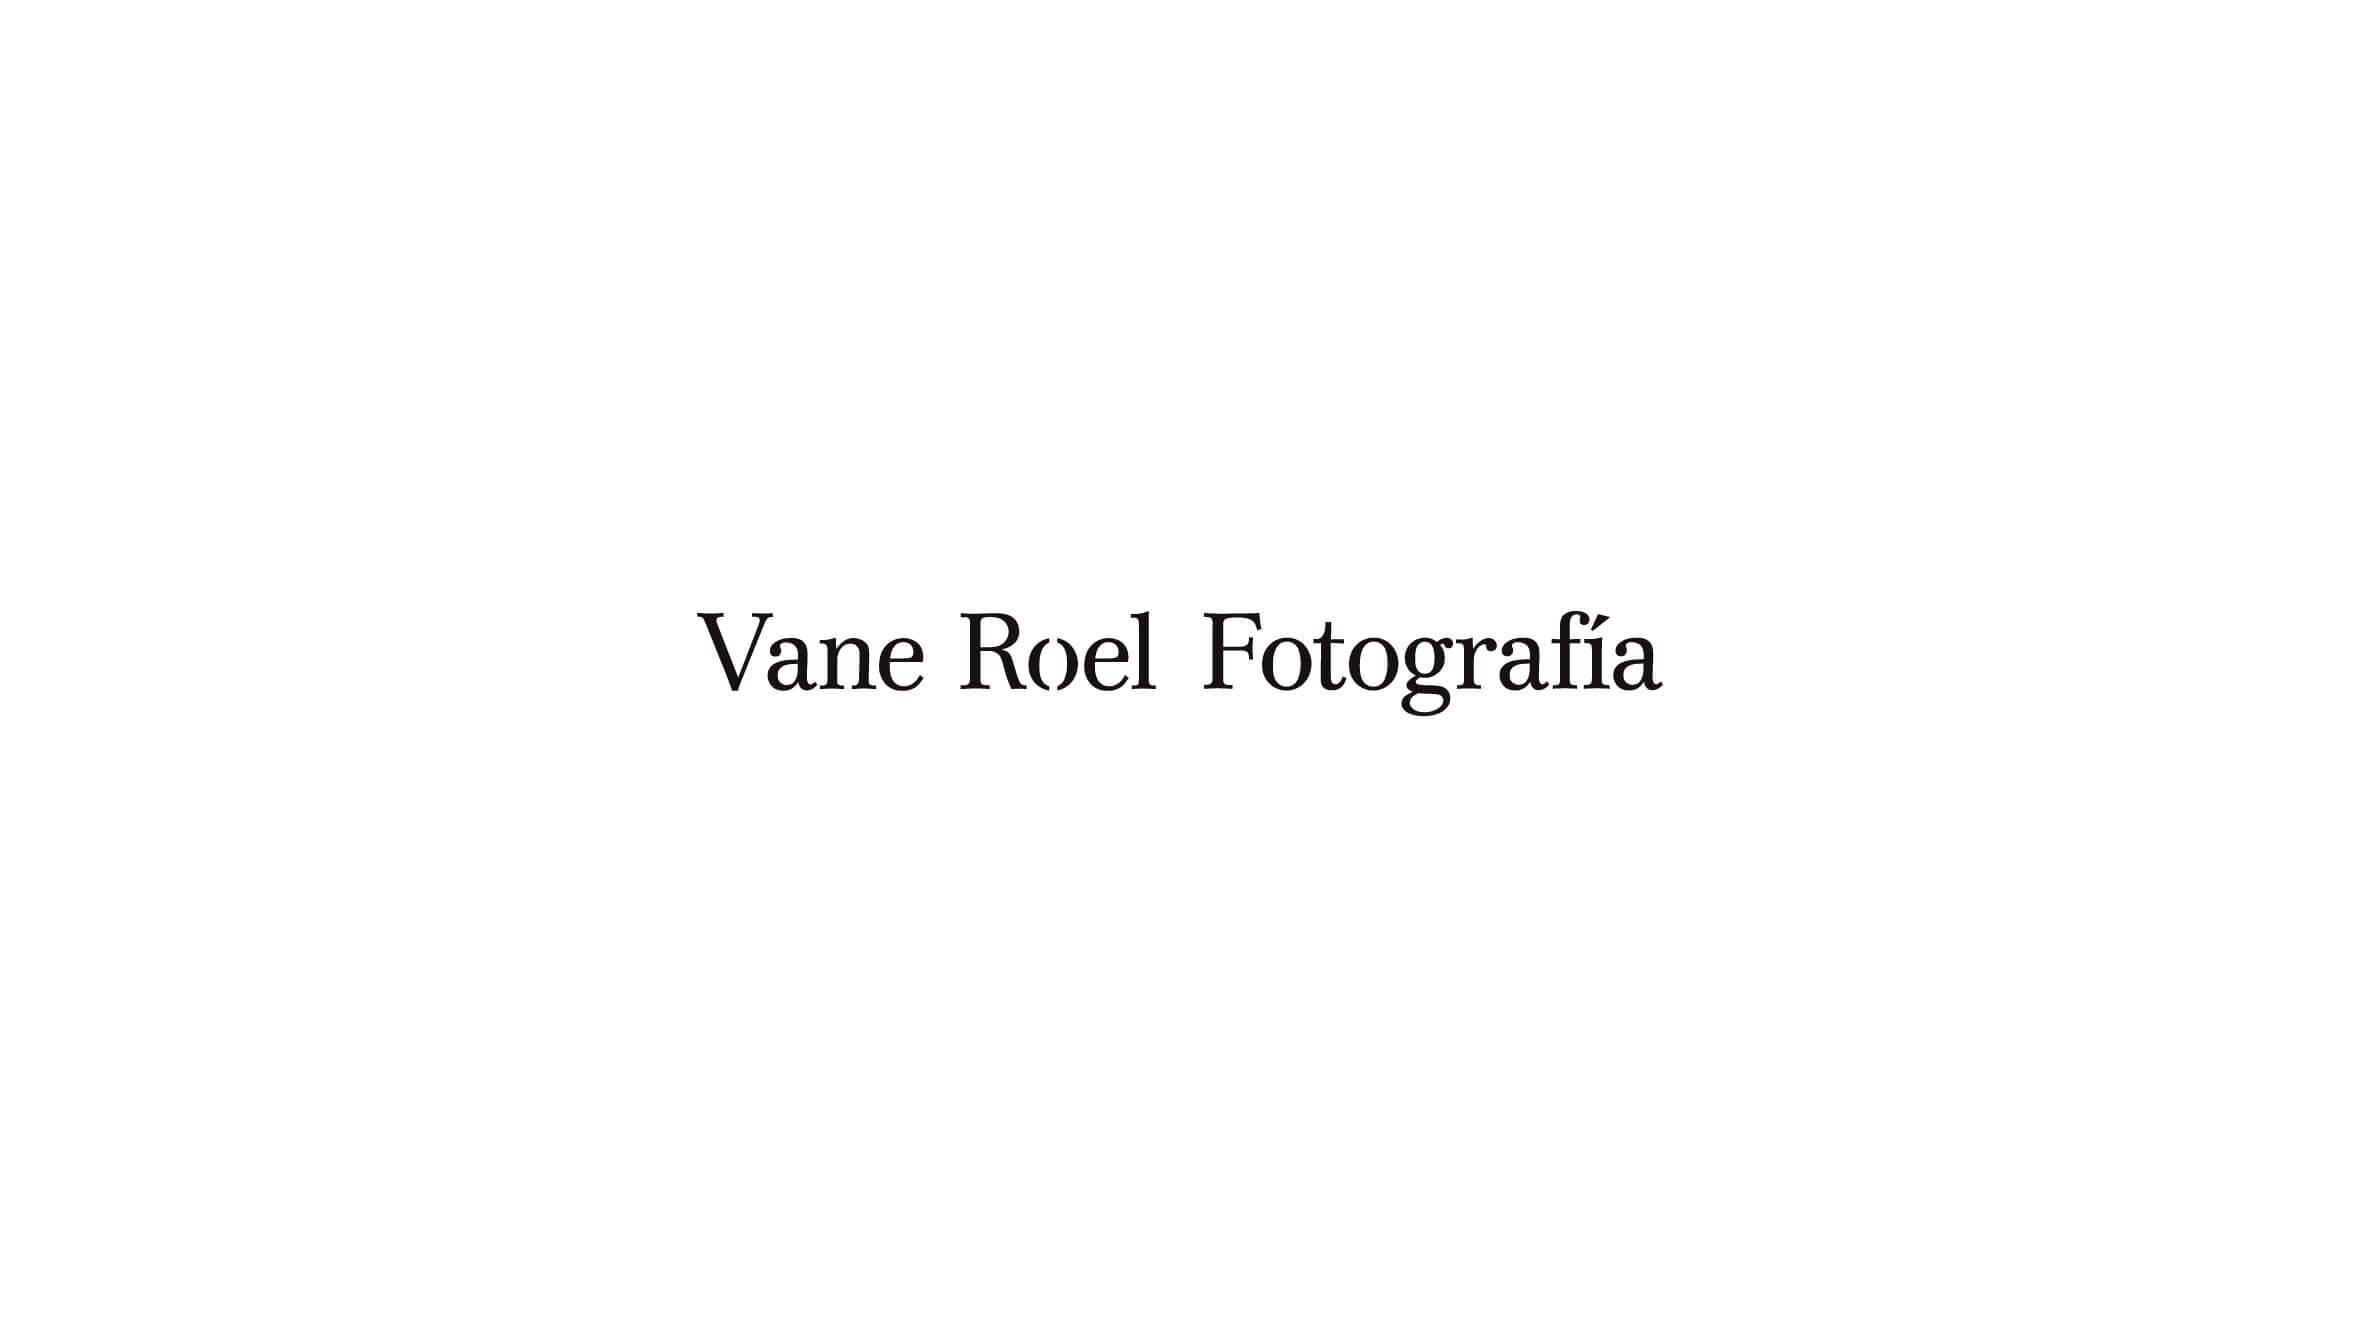 vane-roel-branding-fotografia-logotipo